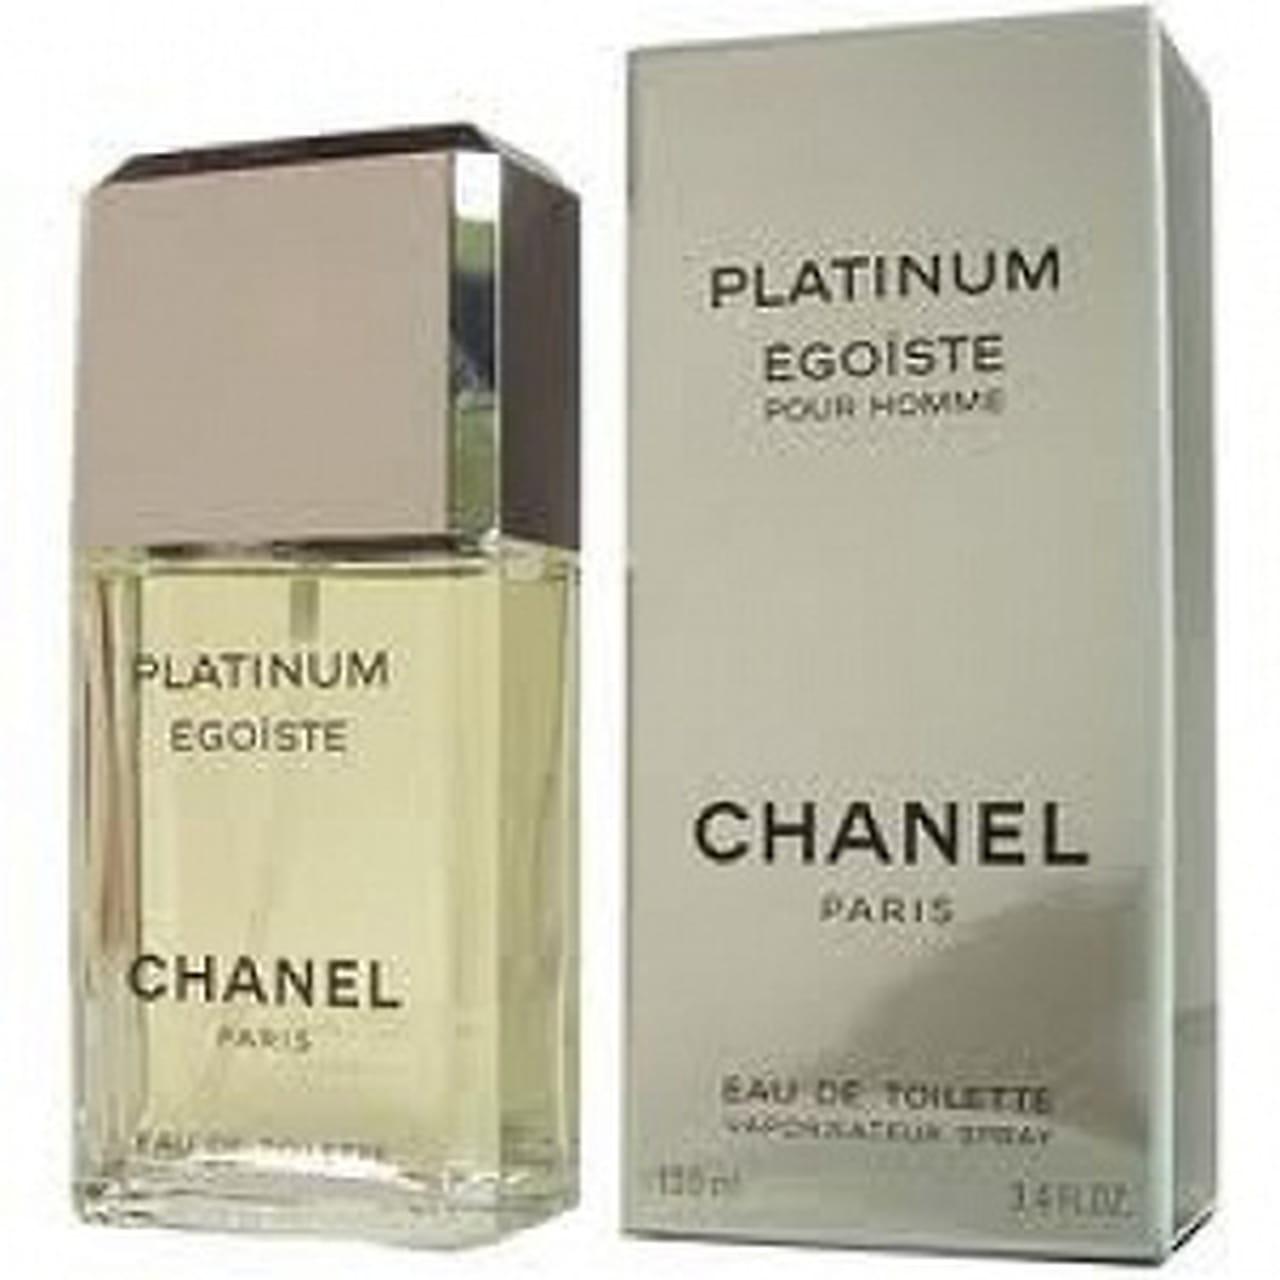 c435903af 2- Chanel Egoiste Platinum Eau De Toilette